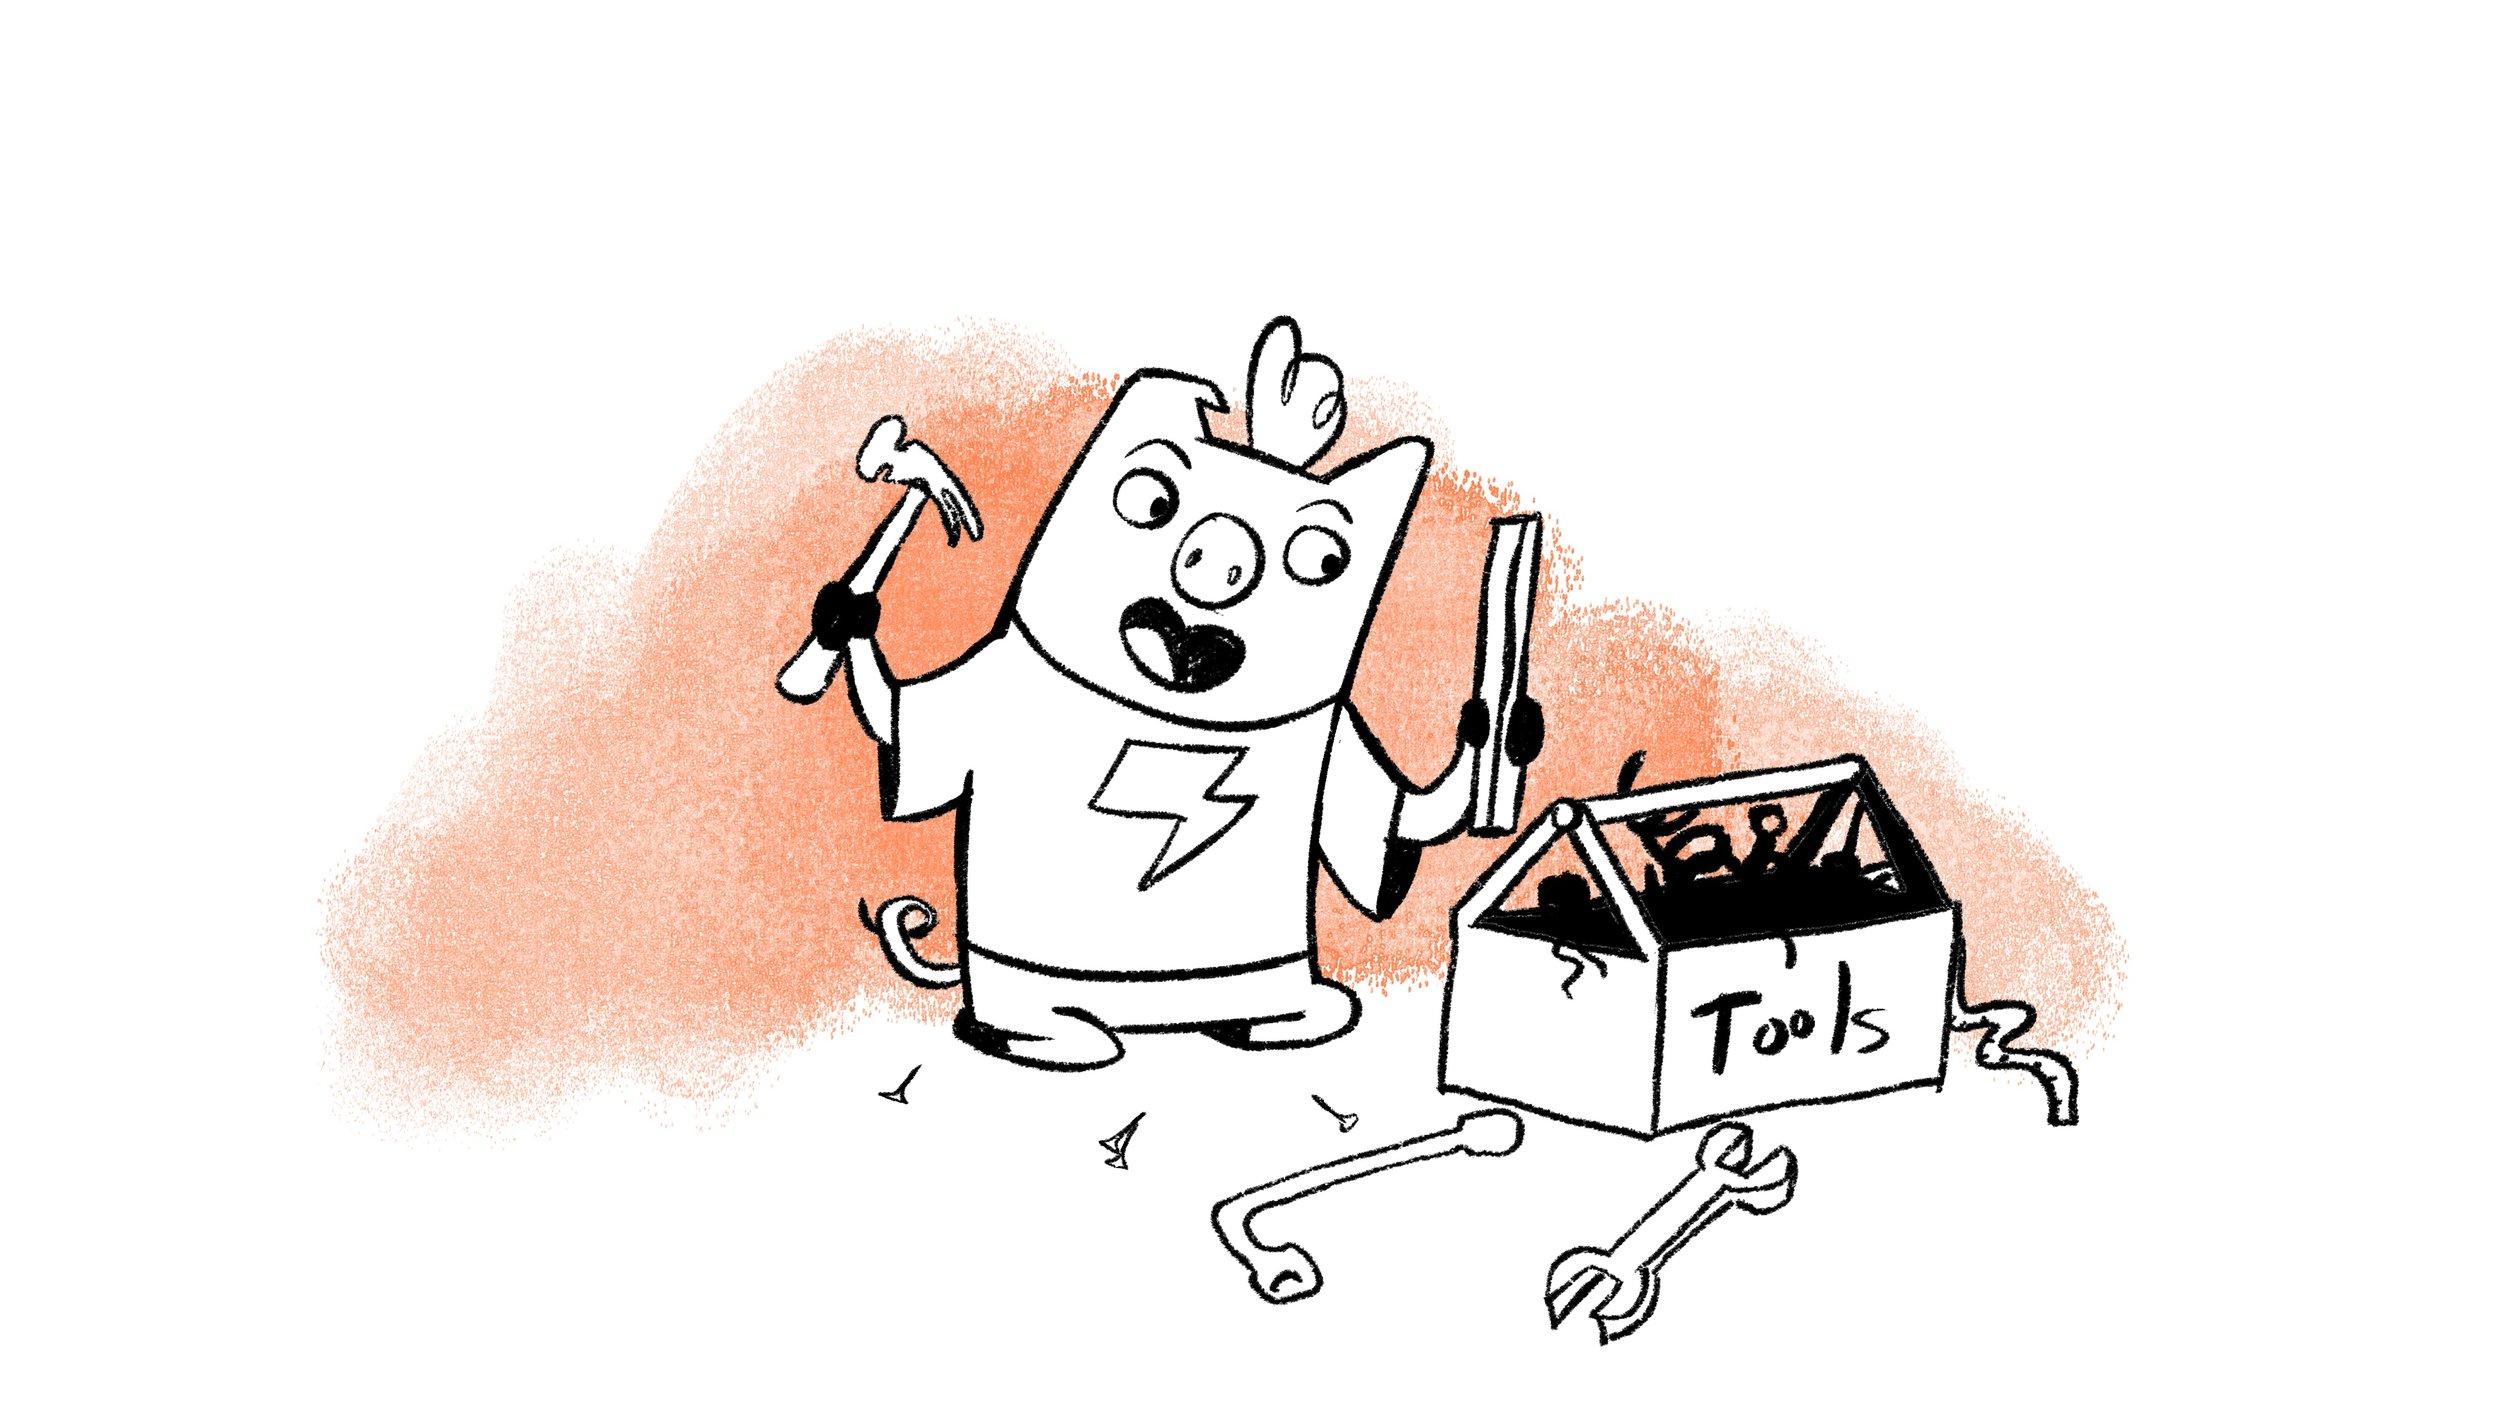 10 tools for storytelling.jpg